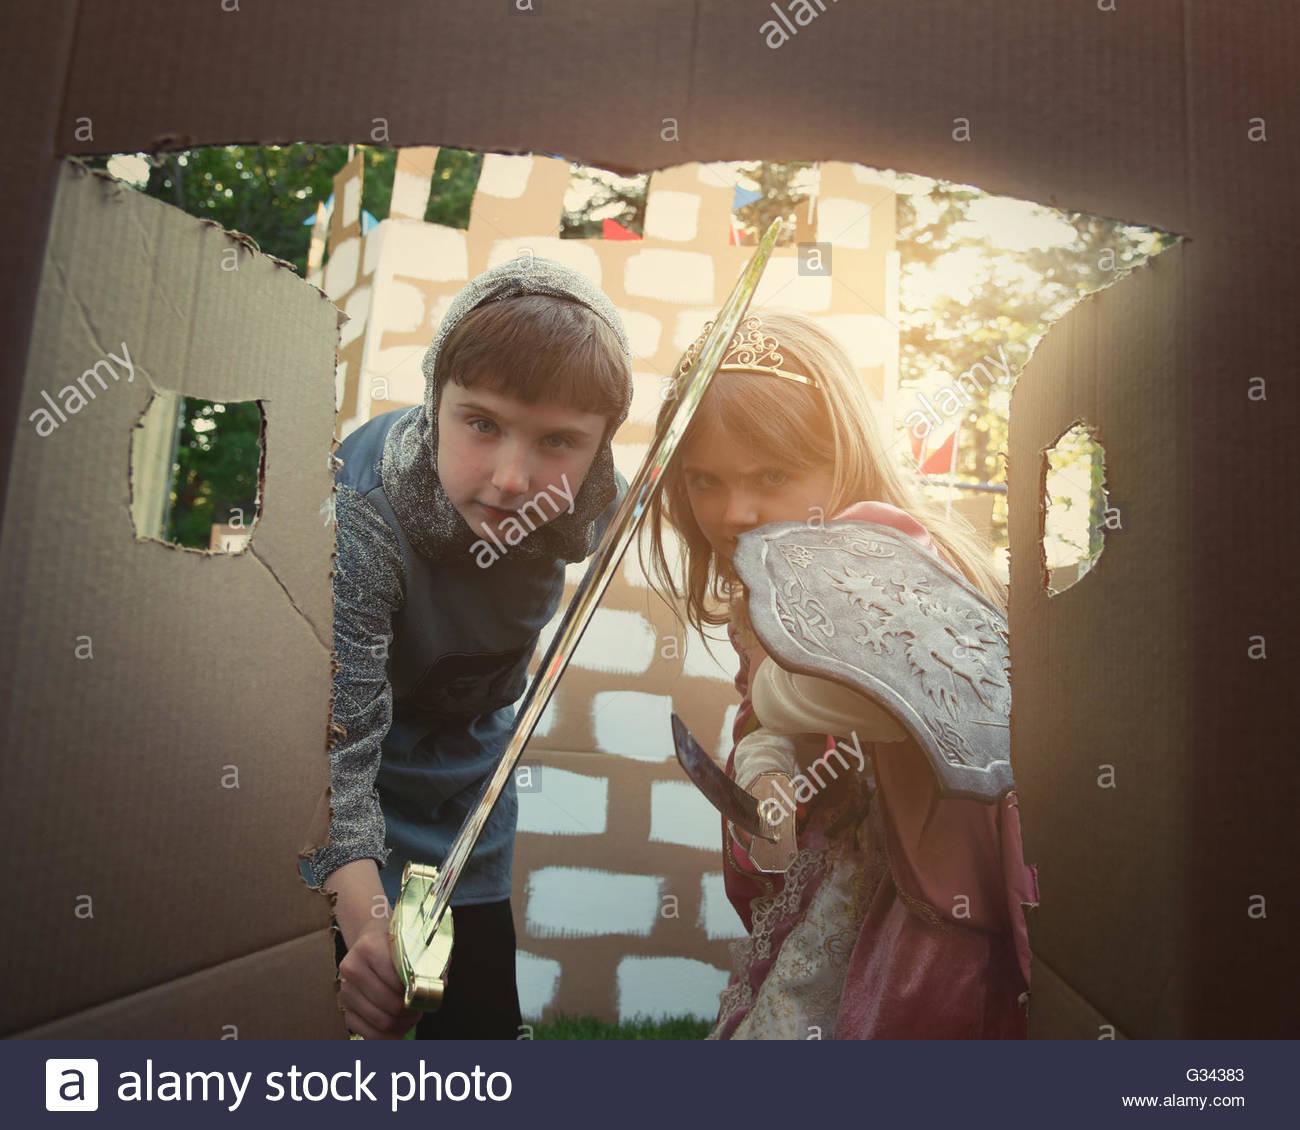 Los niños se visten con trajes de caballero y princesa mirando en la puerta de un castillo de cartón para Imagen De Stock